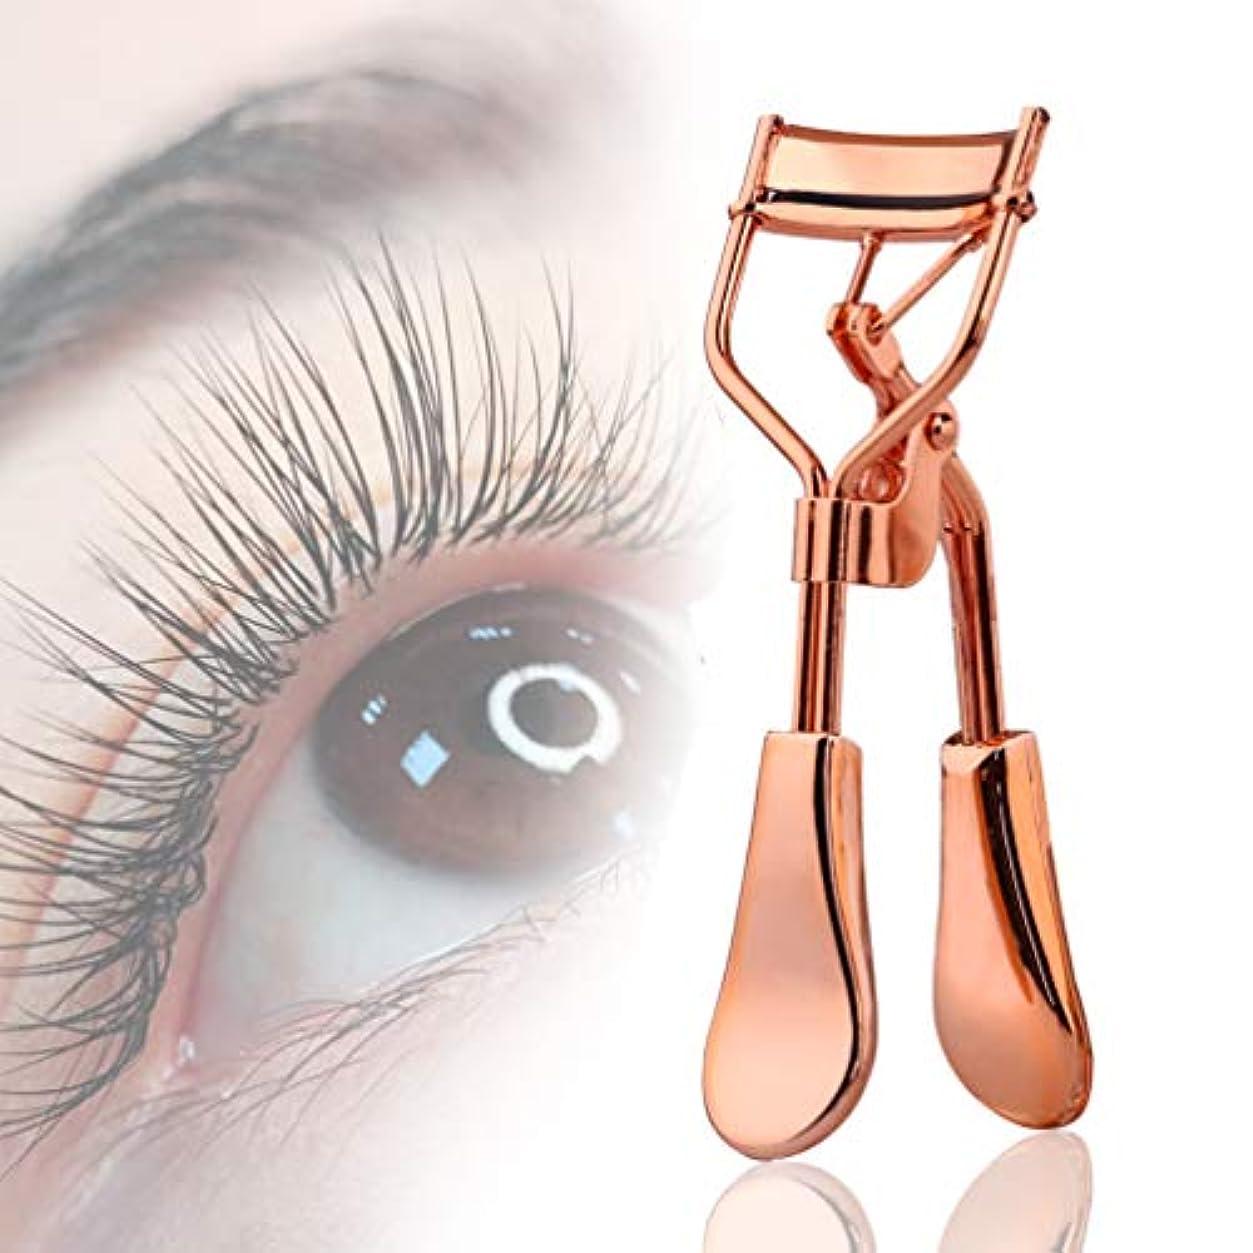 許可状態モチーフアイラッシュカーラー 替えゴム 本体 + 替えゴム付き 単品 BOLAKER Eyelash Curler(ピンクゴールド)